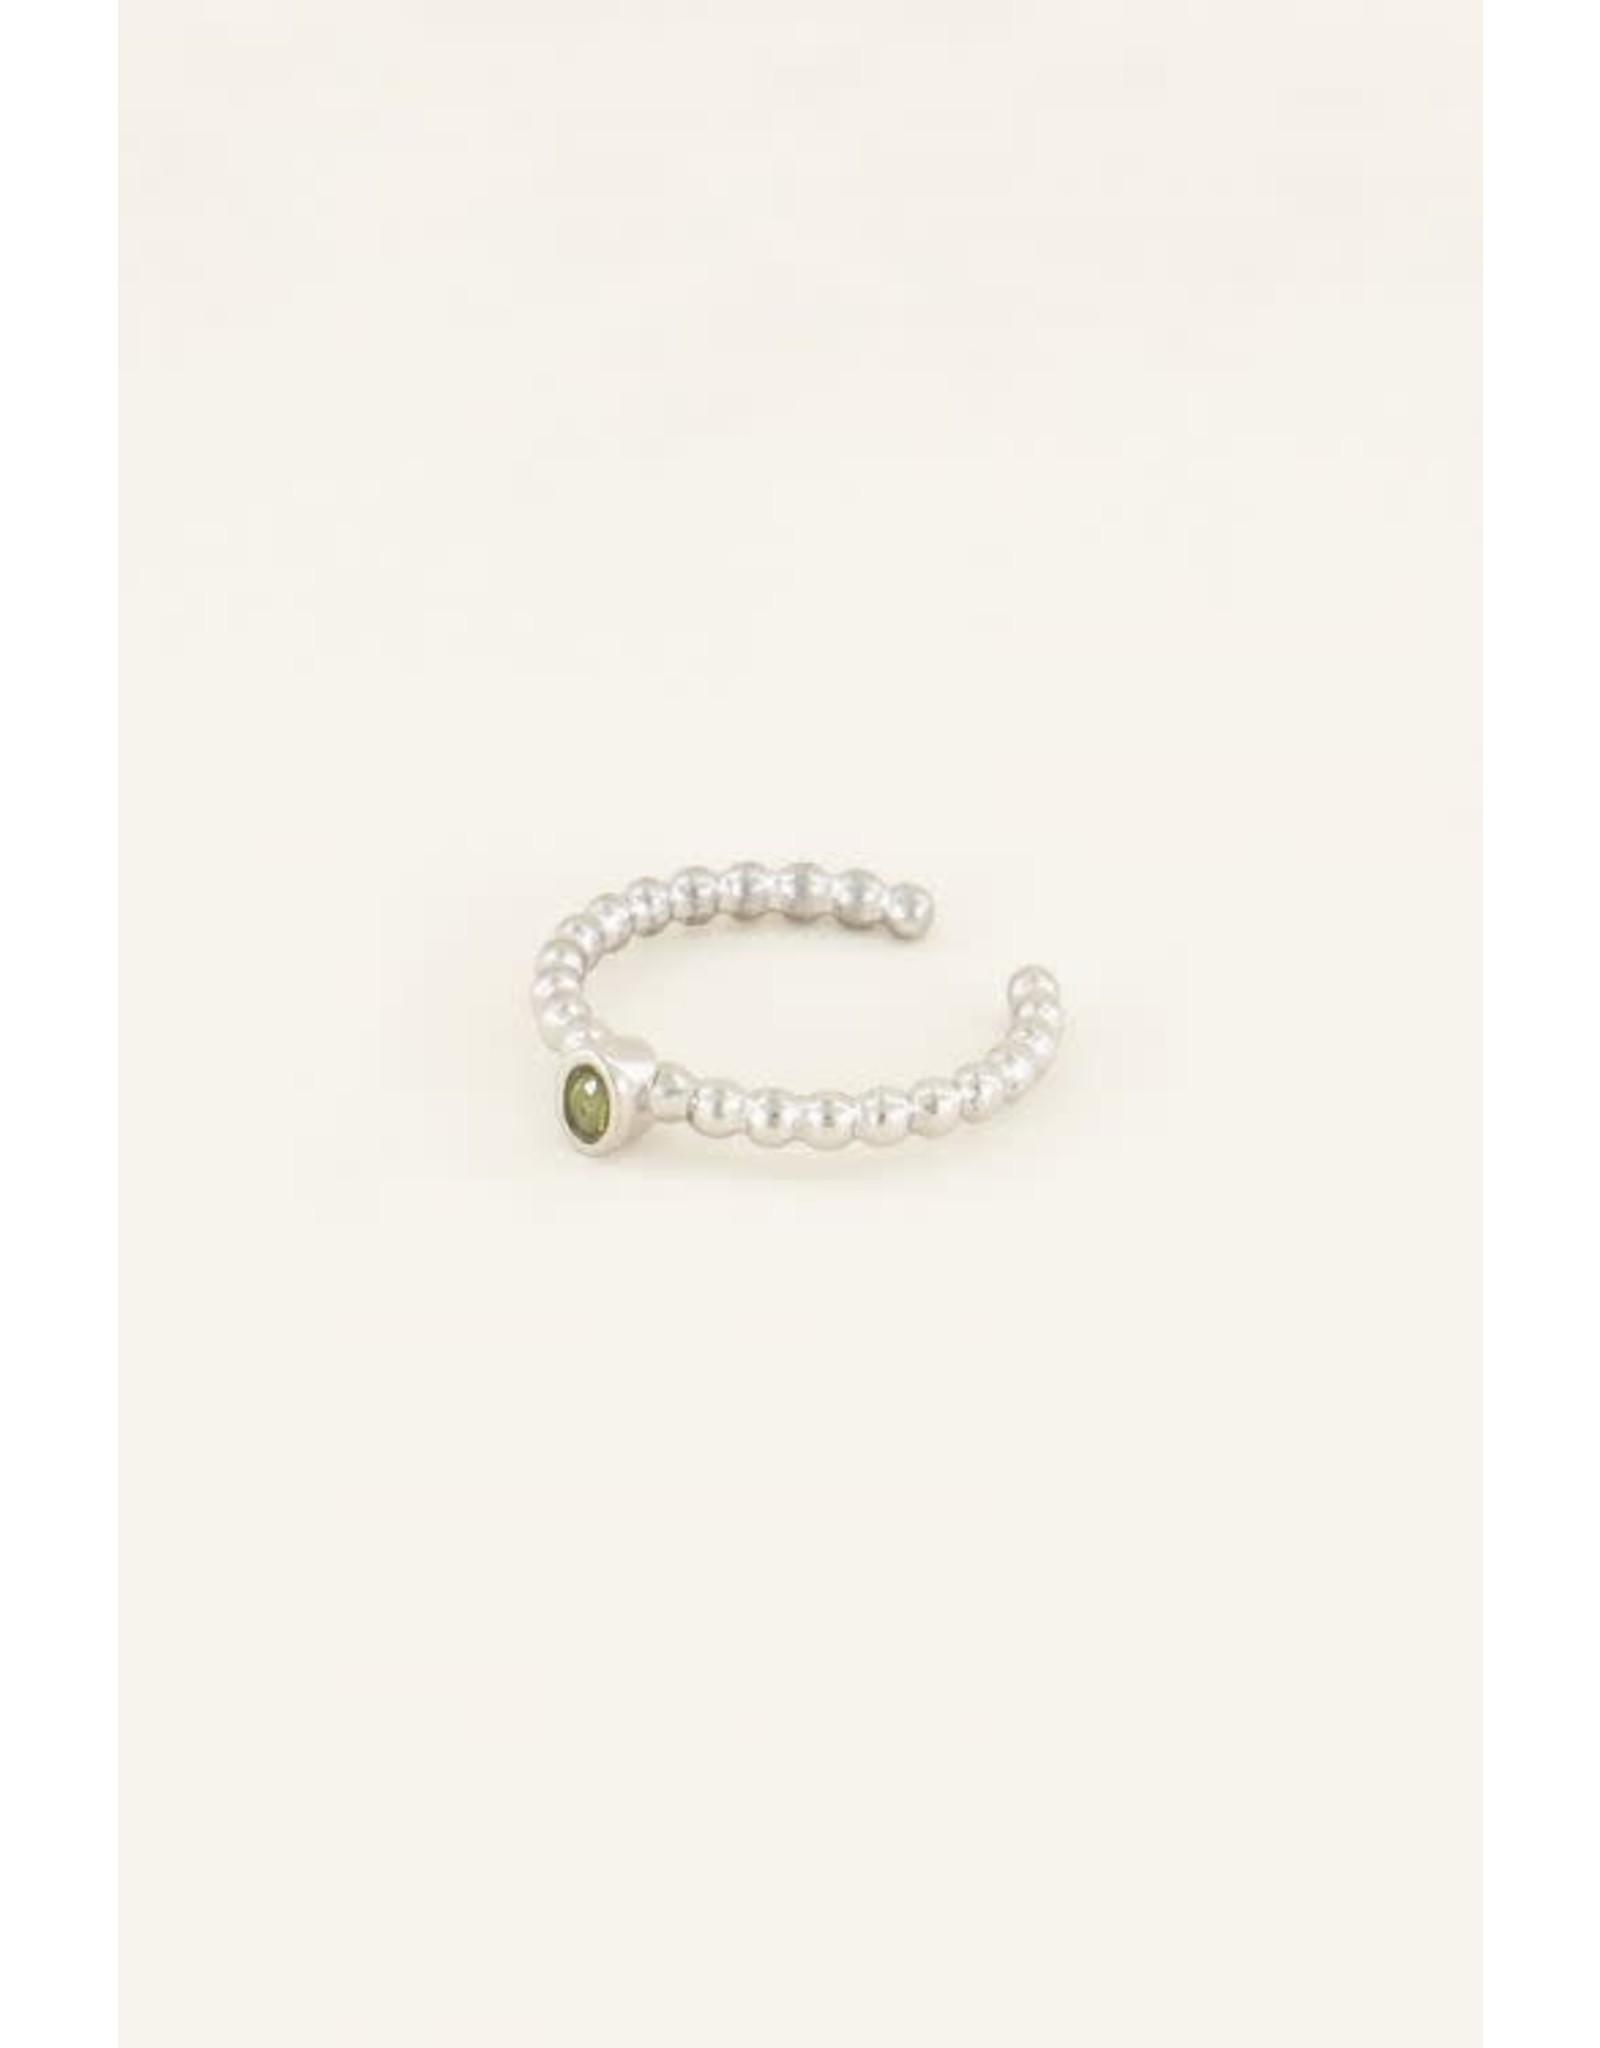 My Jewellery My Jewellery geboortesteen ring augustus zilver